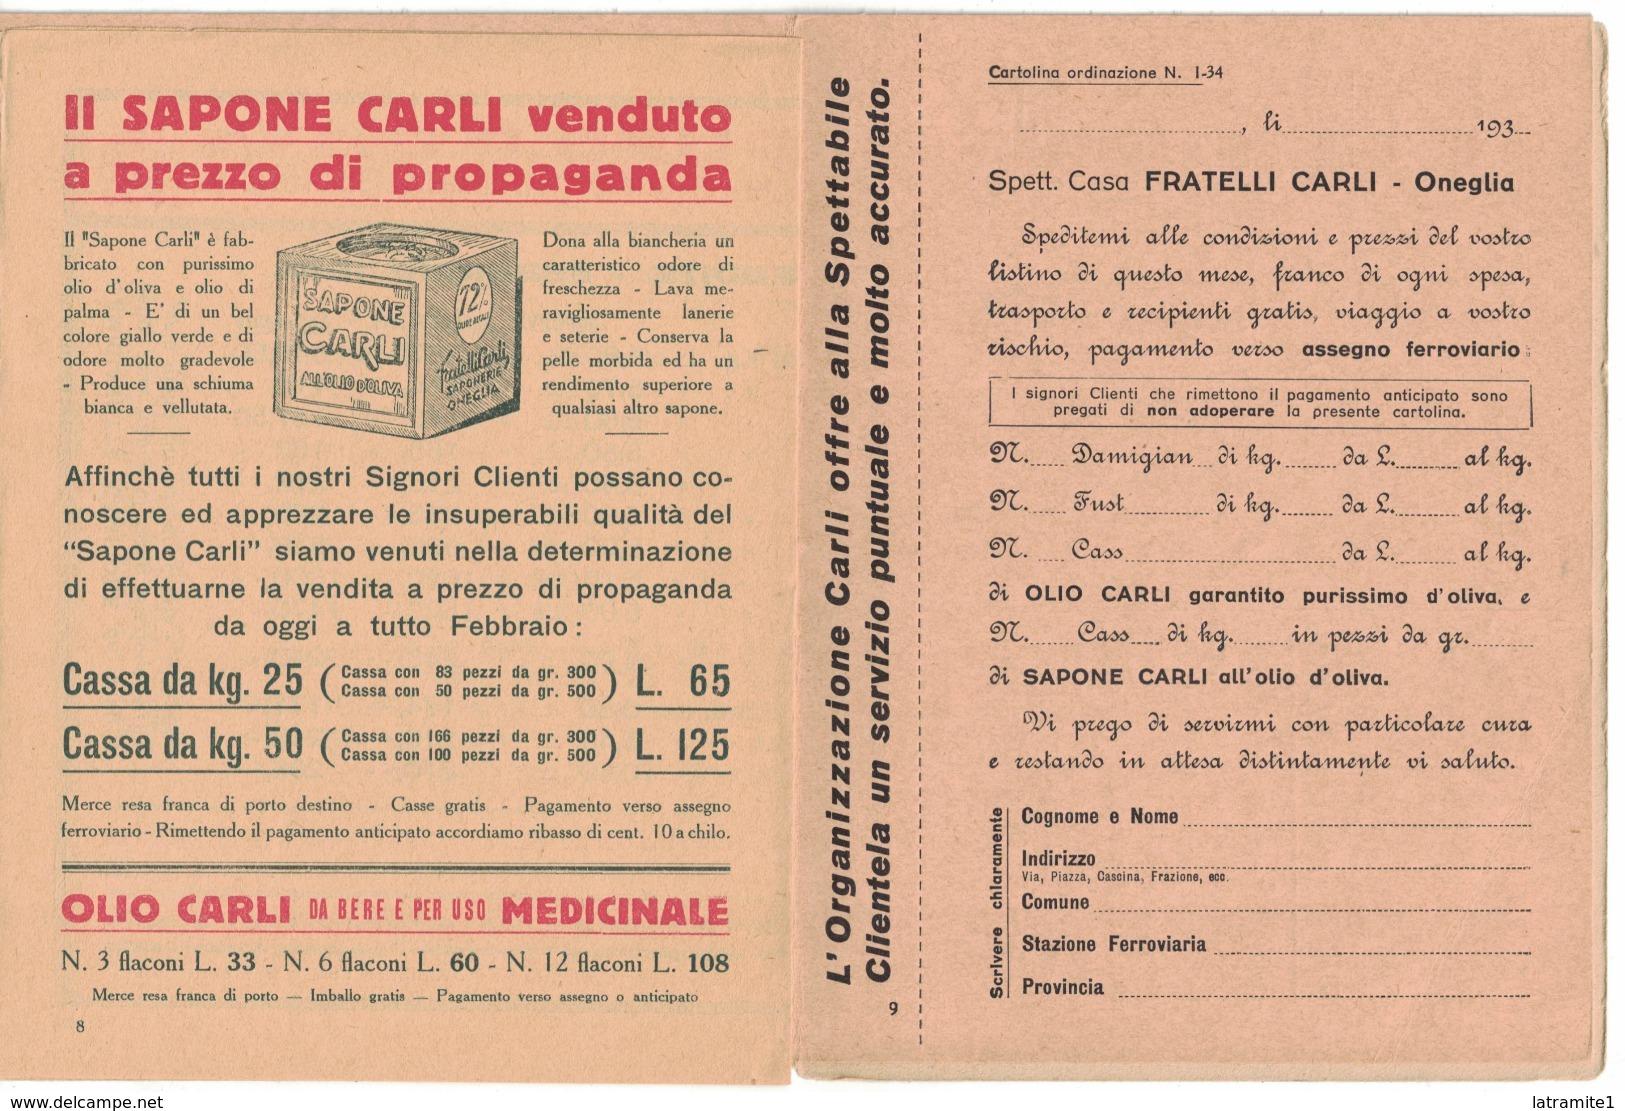 CARTOLINA POSTALE CARTE POSTALE OLIO DI OLIVA  OLIO CARLI Garantito Purissimo D'oliva - Pubblicitari